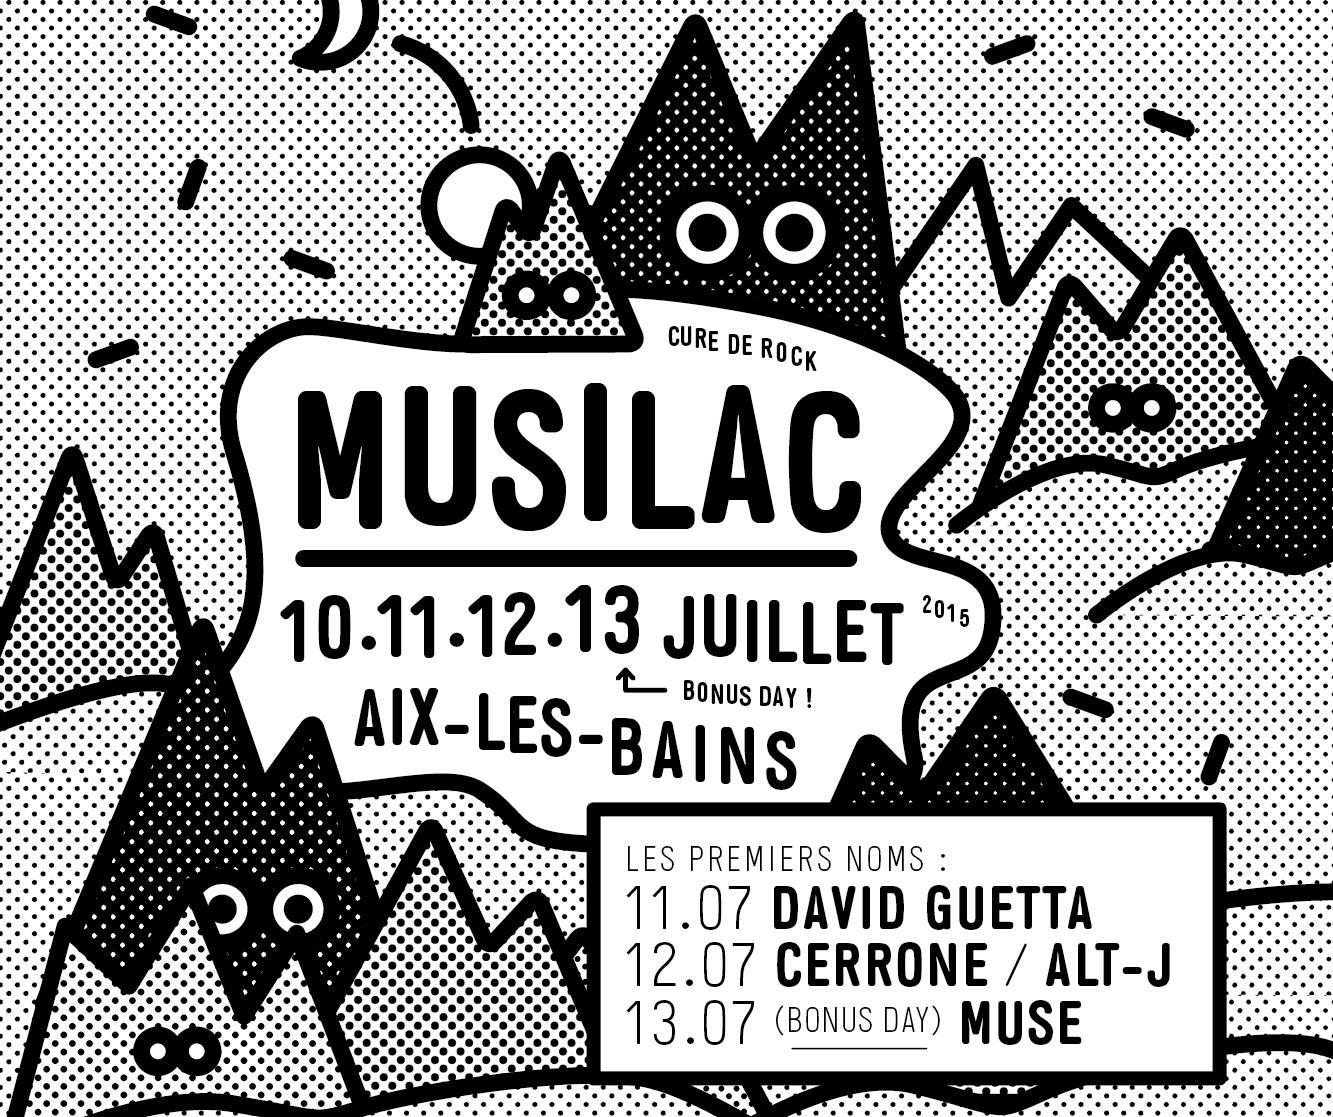 Musilac2015 1